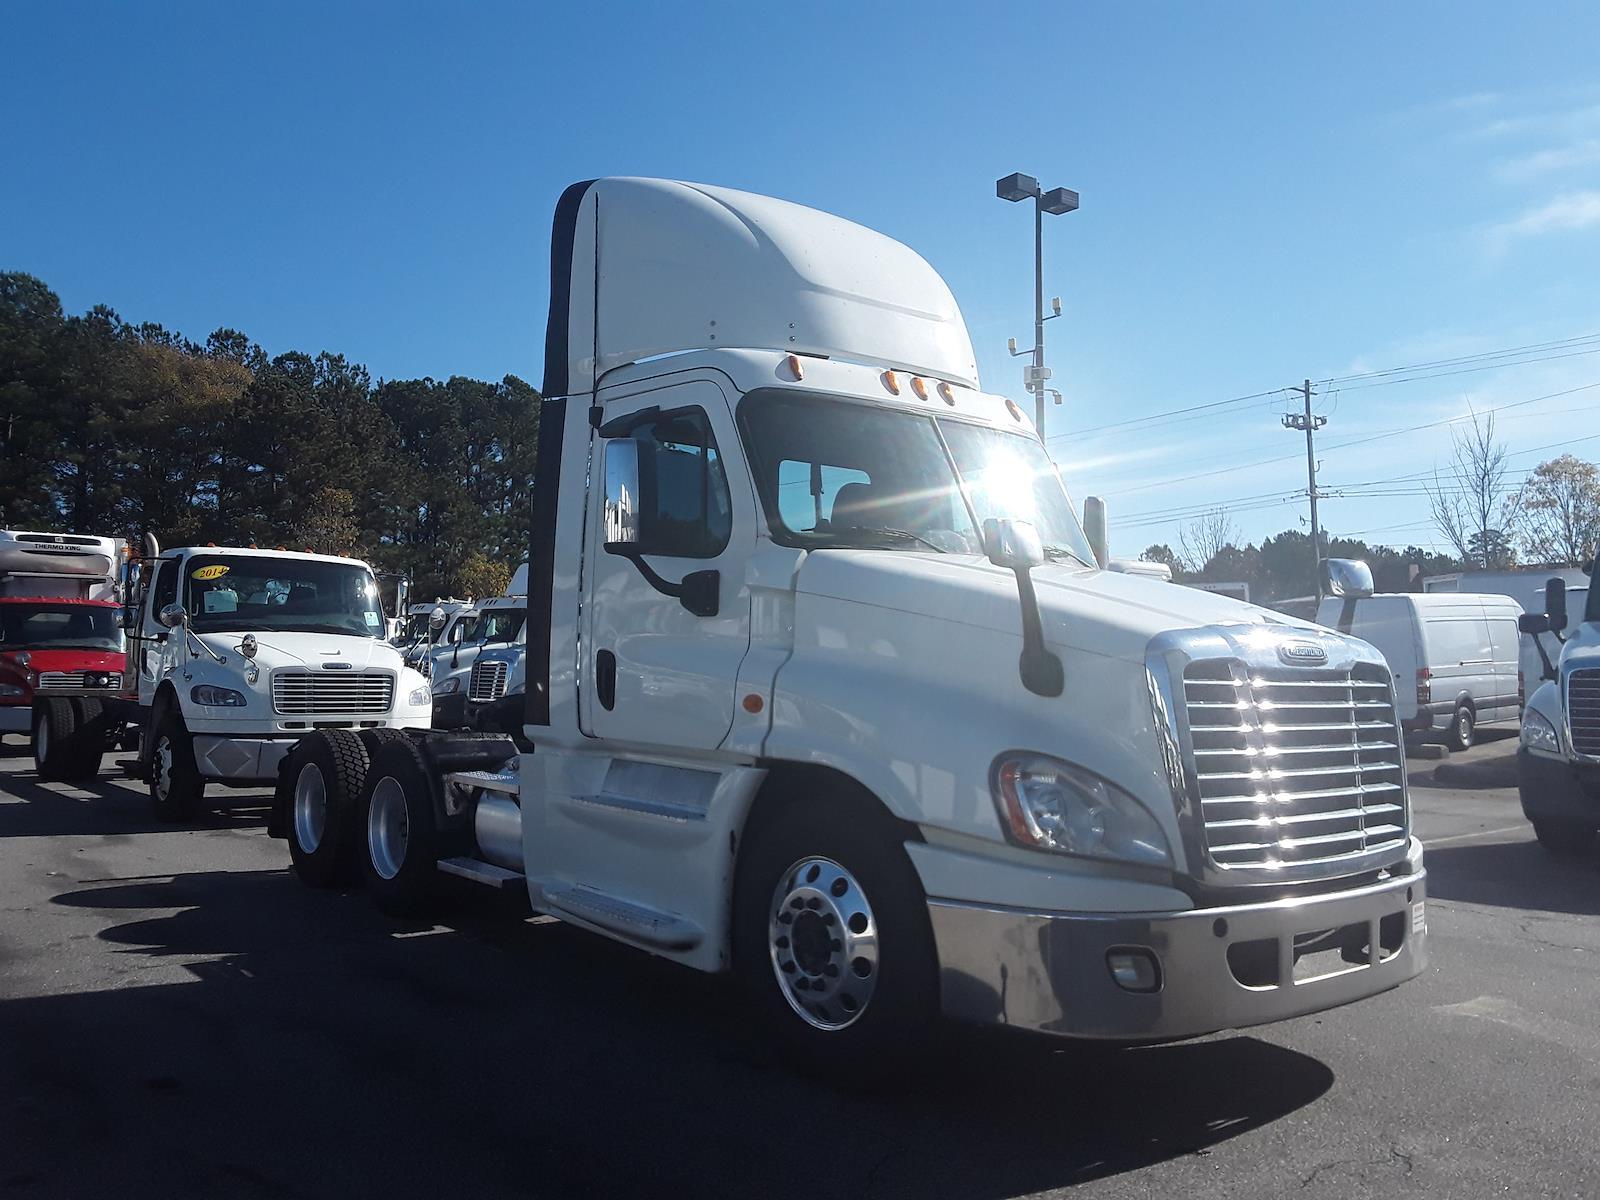 2015 Freightliner Truck 6x4, Tractor #568377 - photo 1